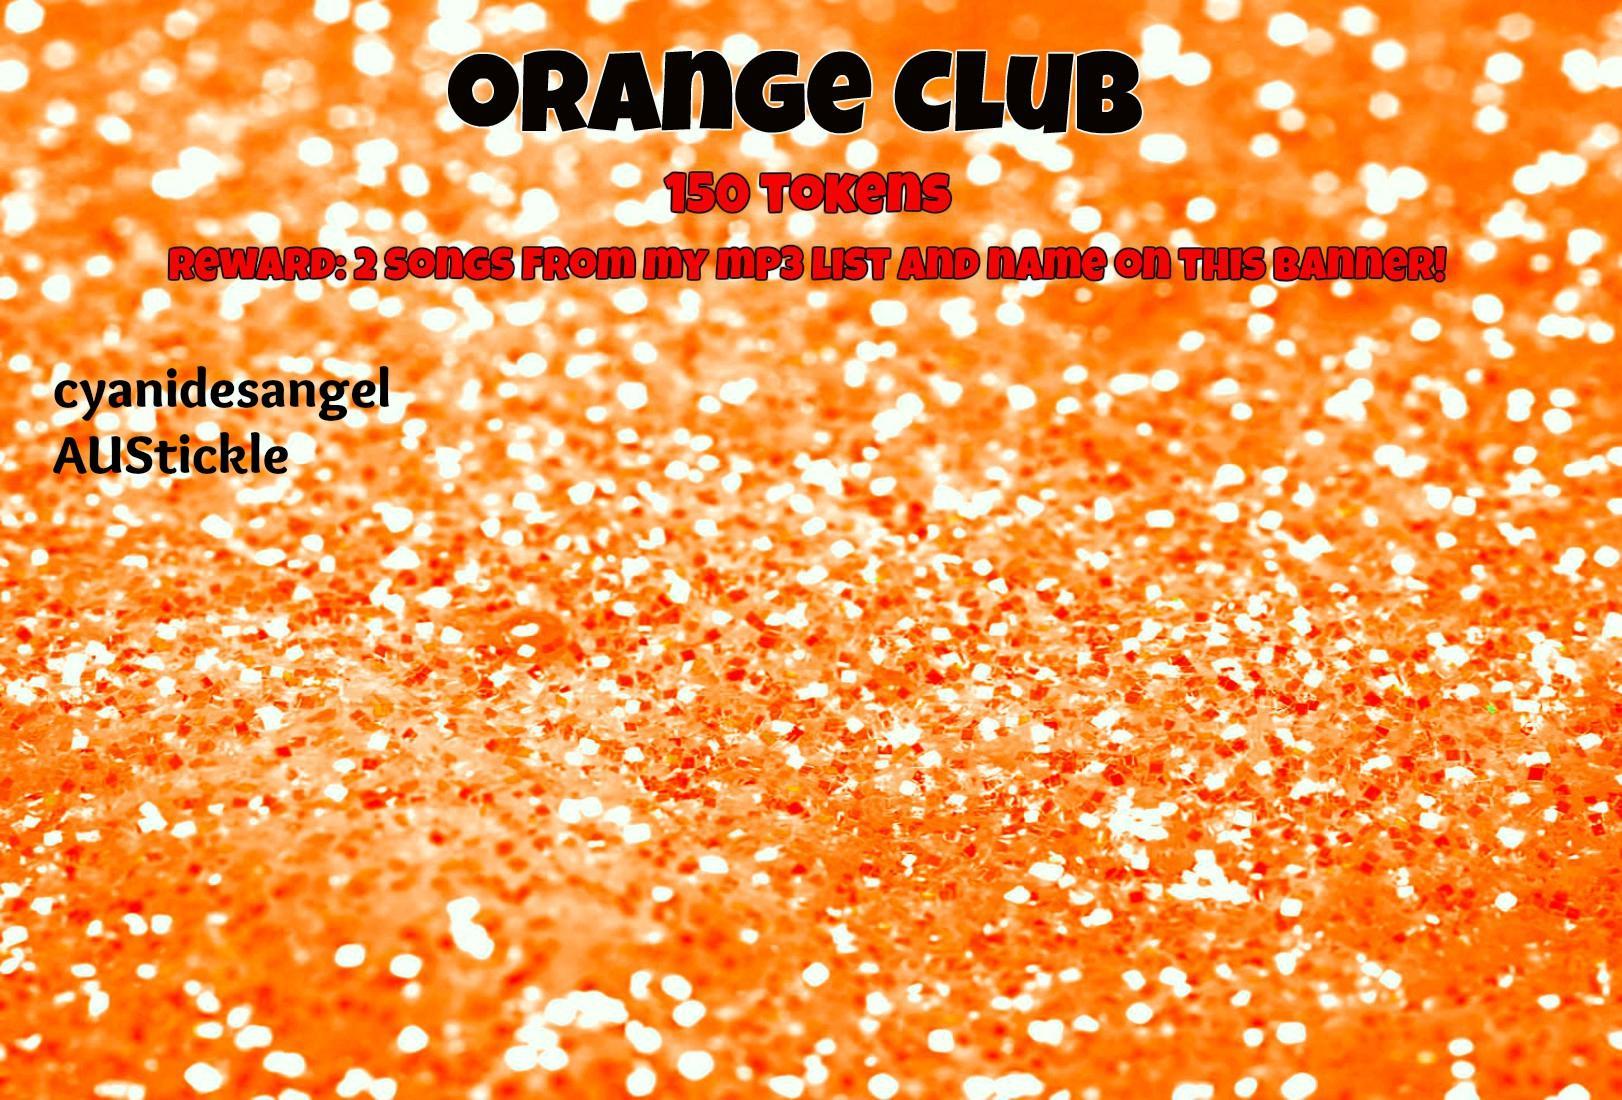 orangeclub